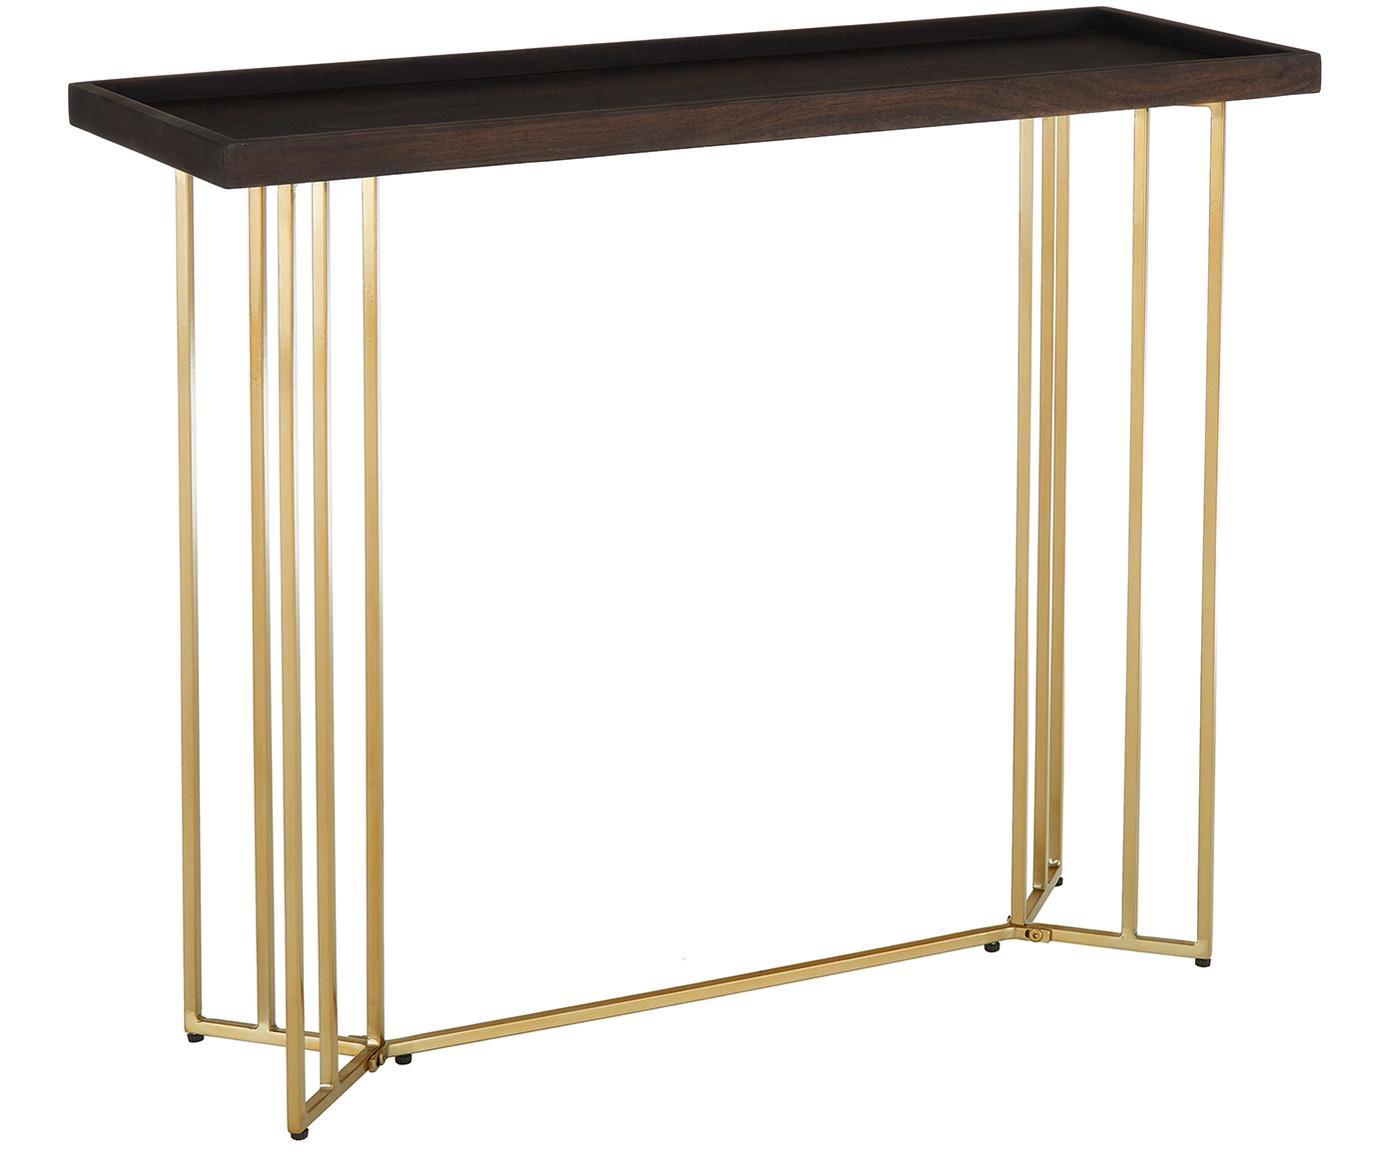 Consola de madera maciza Luca, Tablero: madera de mango maciza, Estructura: metal recubierto, Marrón oscuro, An 100 x F 35 cm